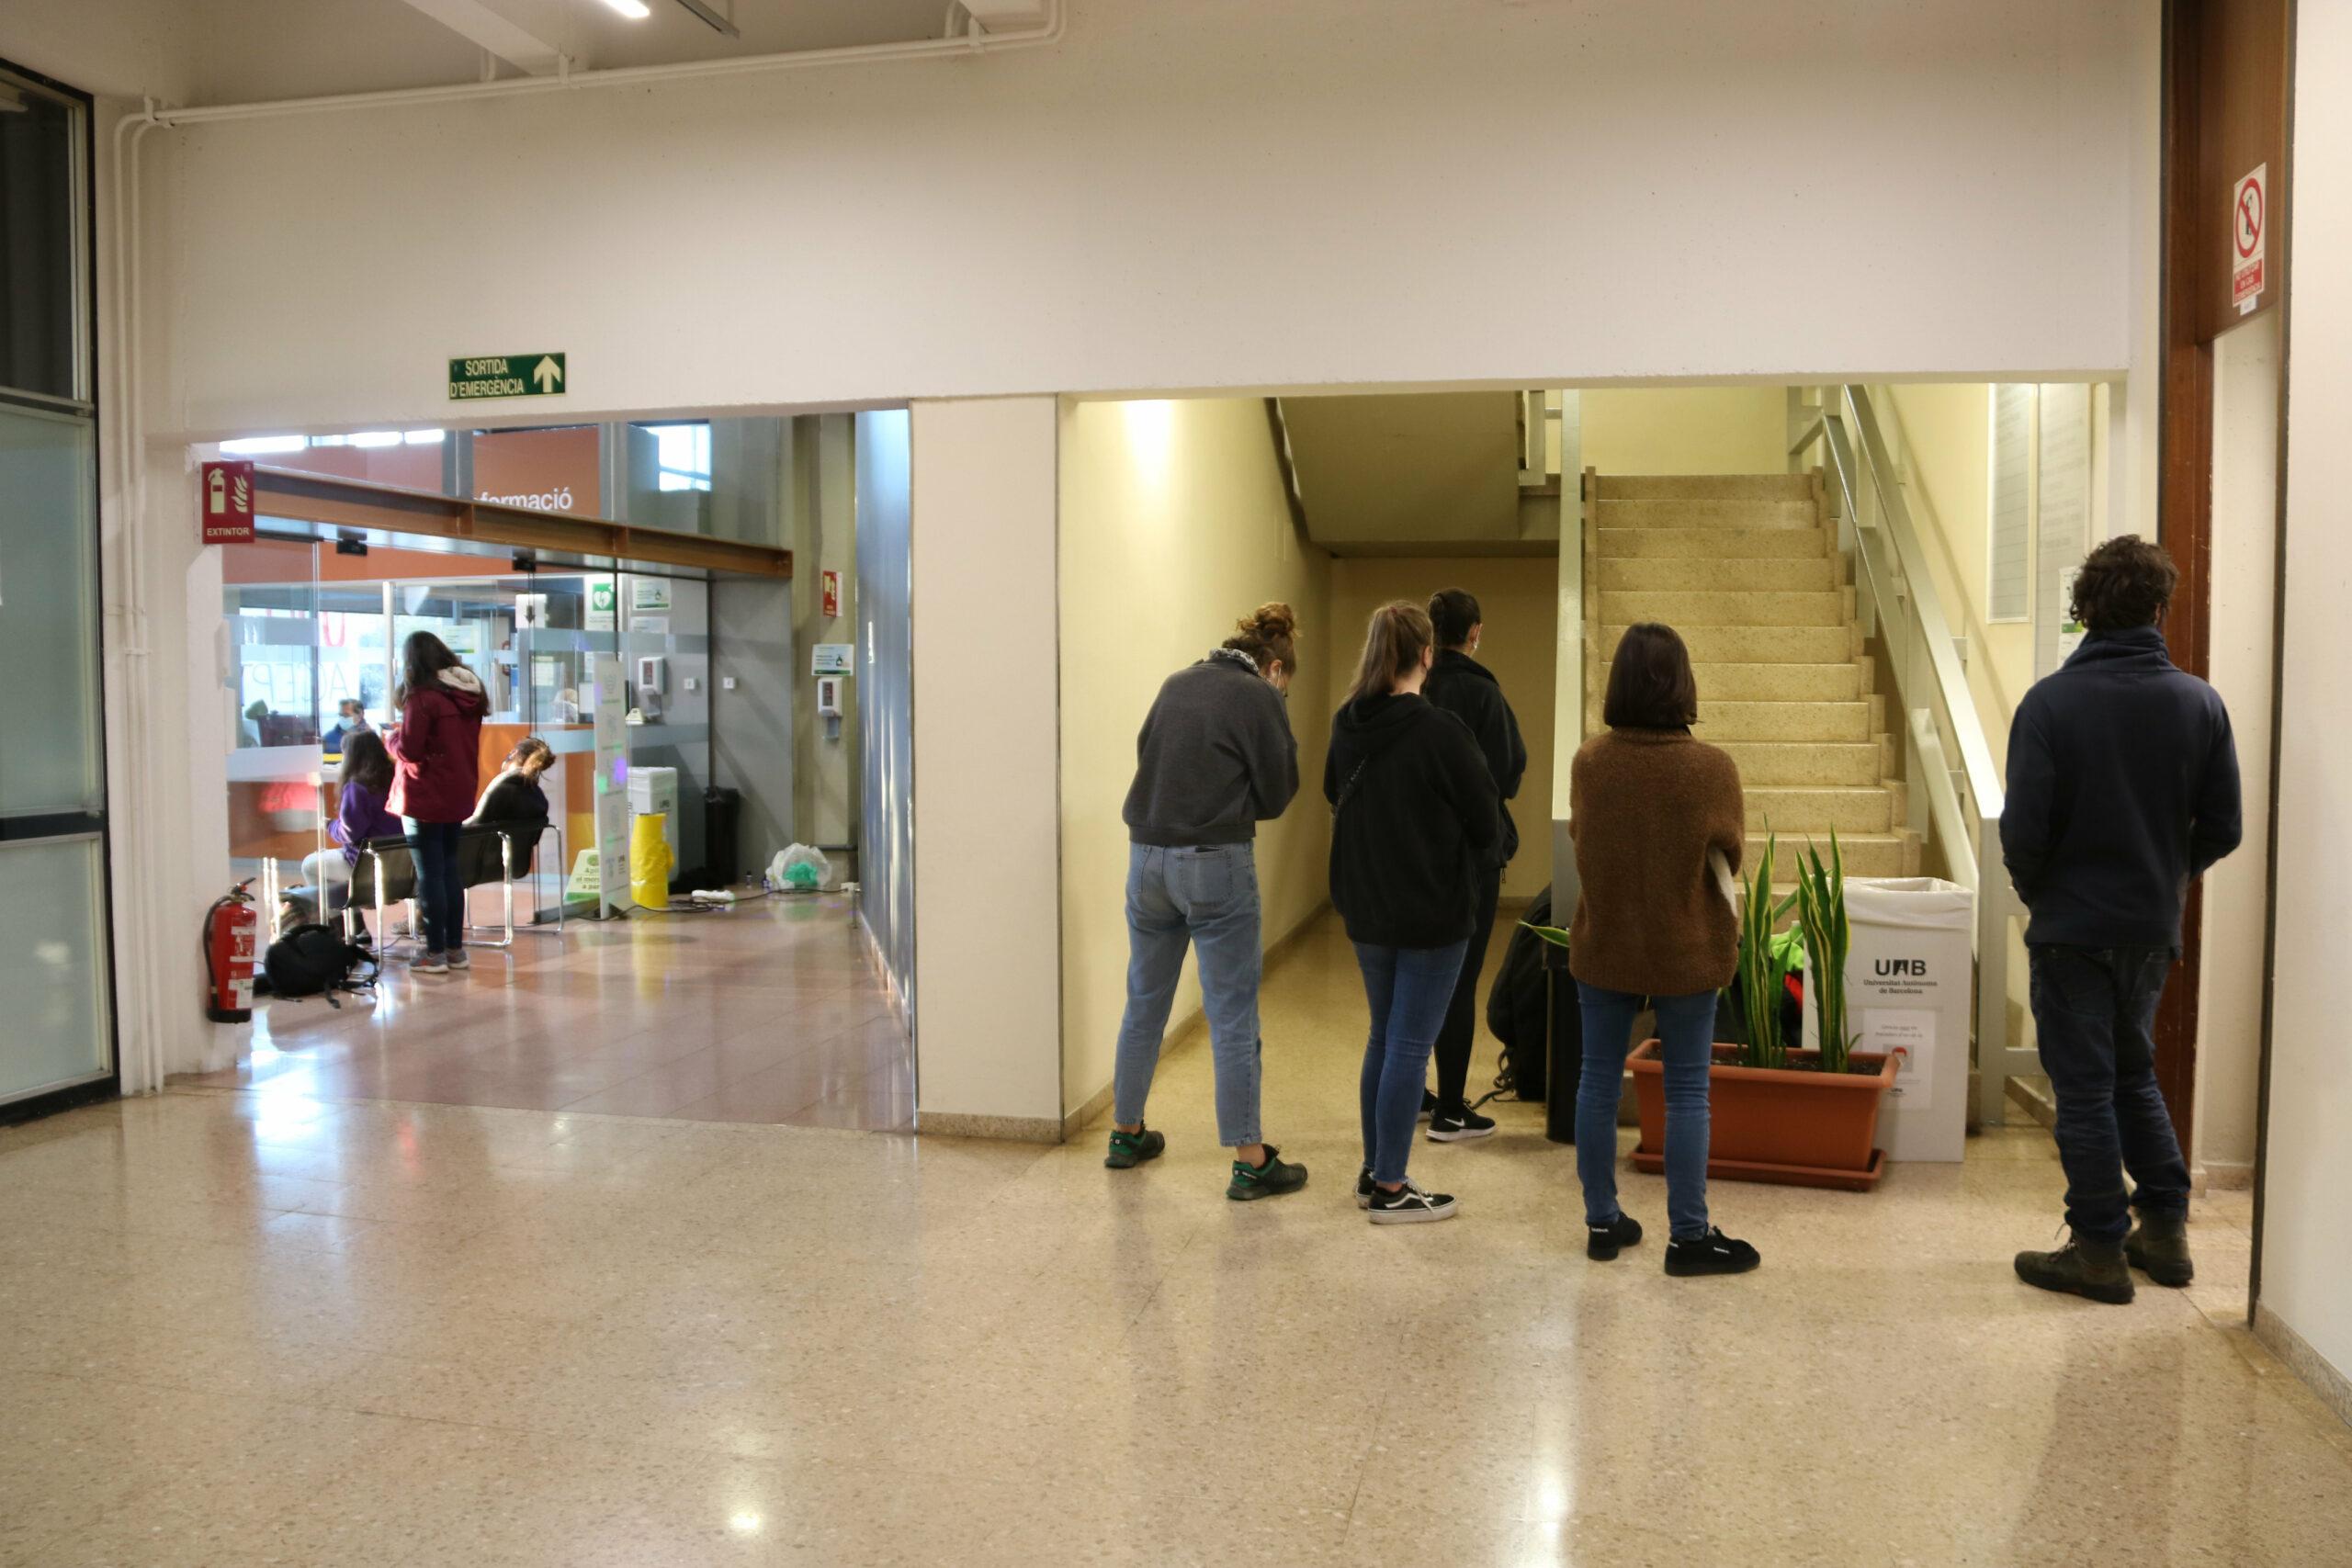 Un grup de membres del Sindicat d'Estudiants dels Països Catalans barren els accessos a l'interior de l'edifici del Rectorat de la UAB | ACN